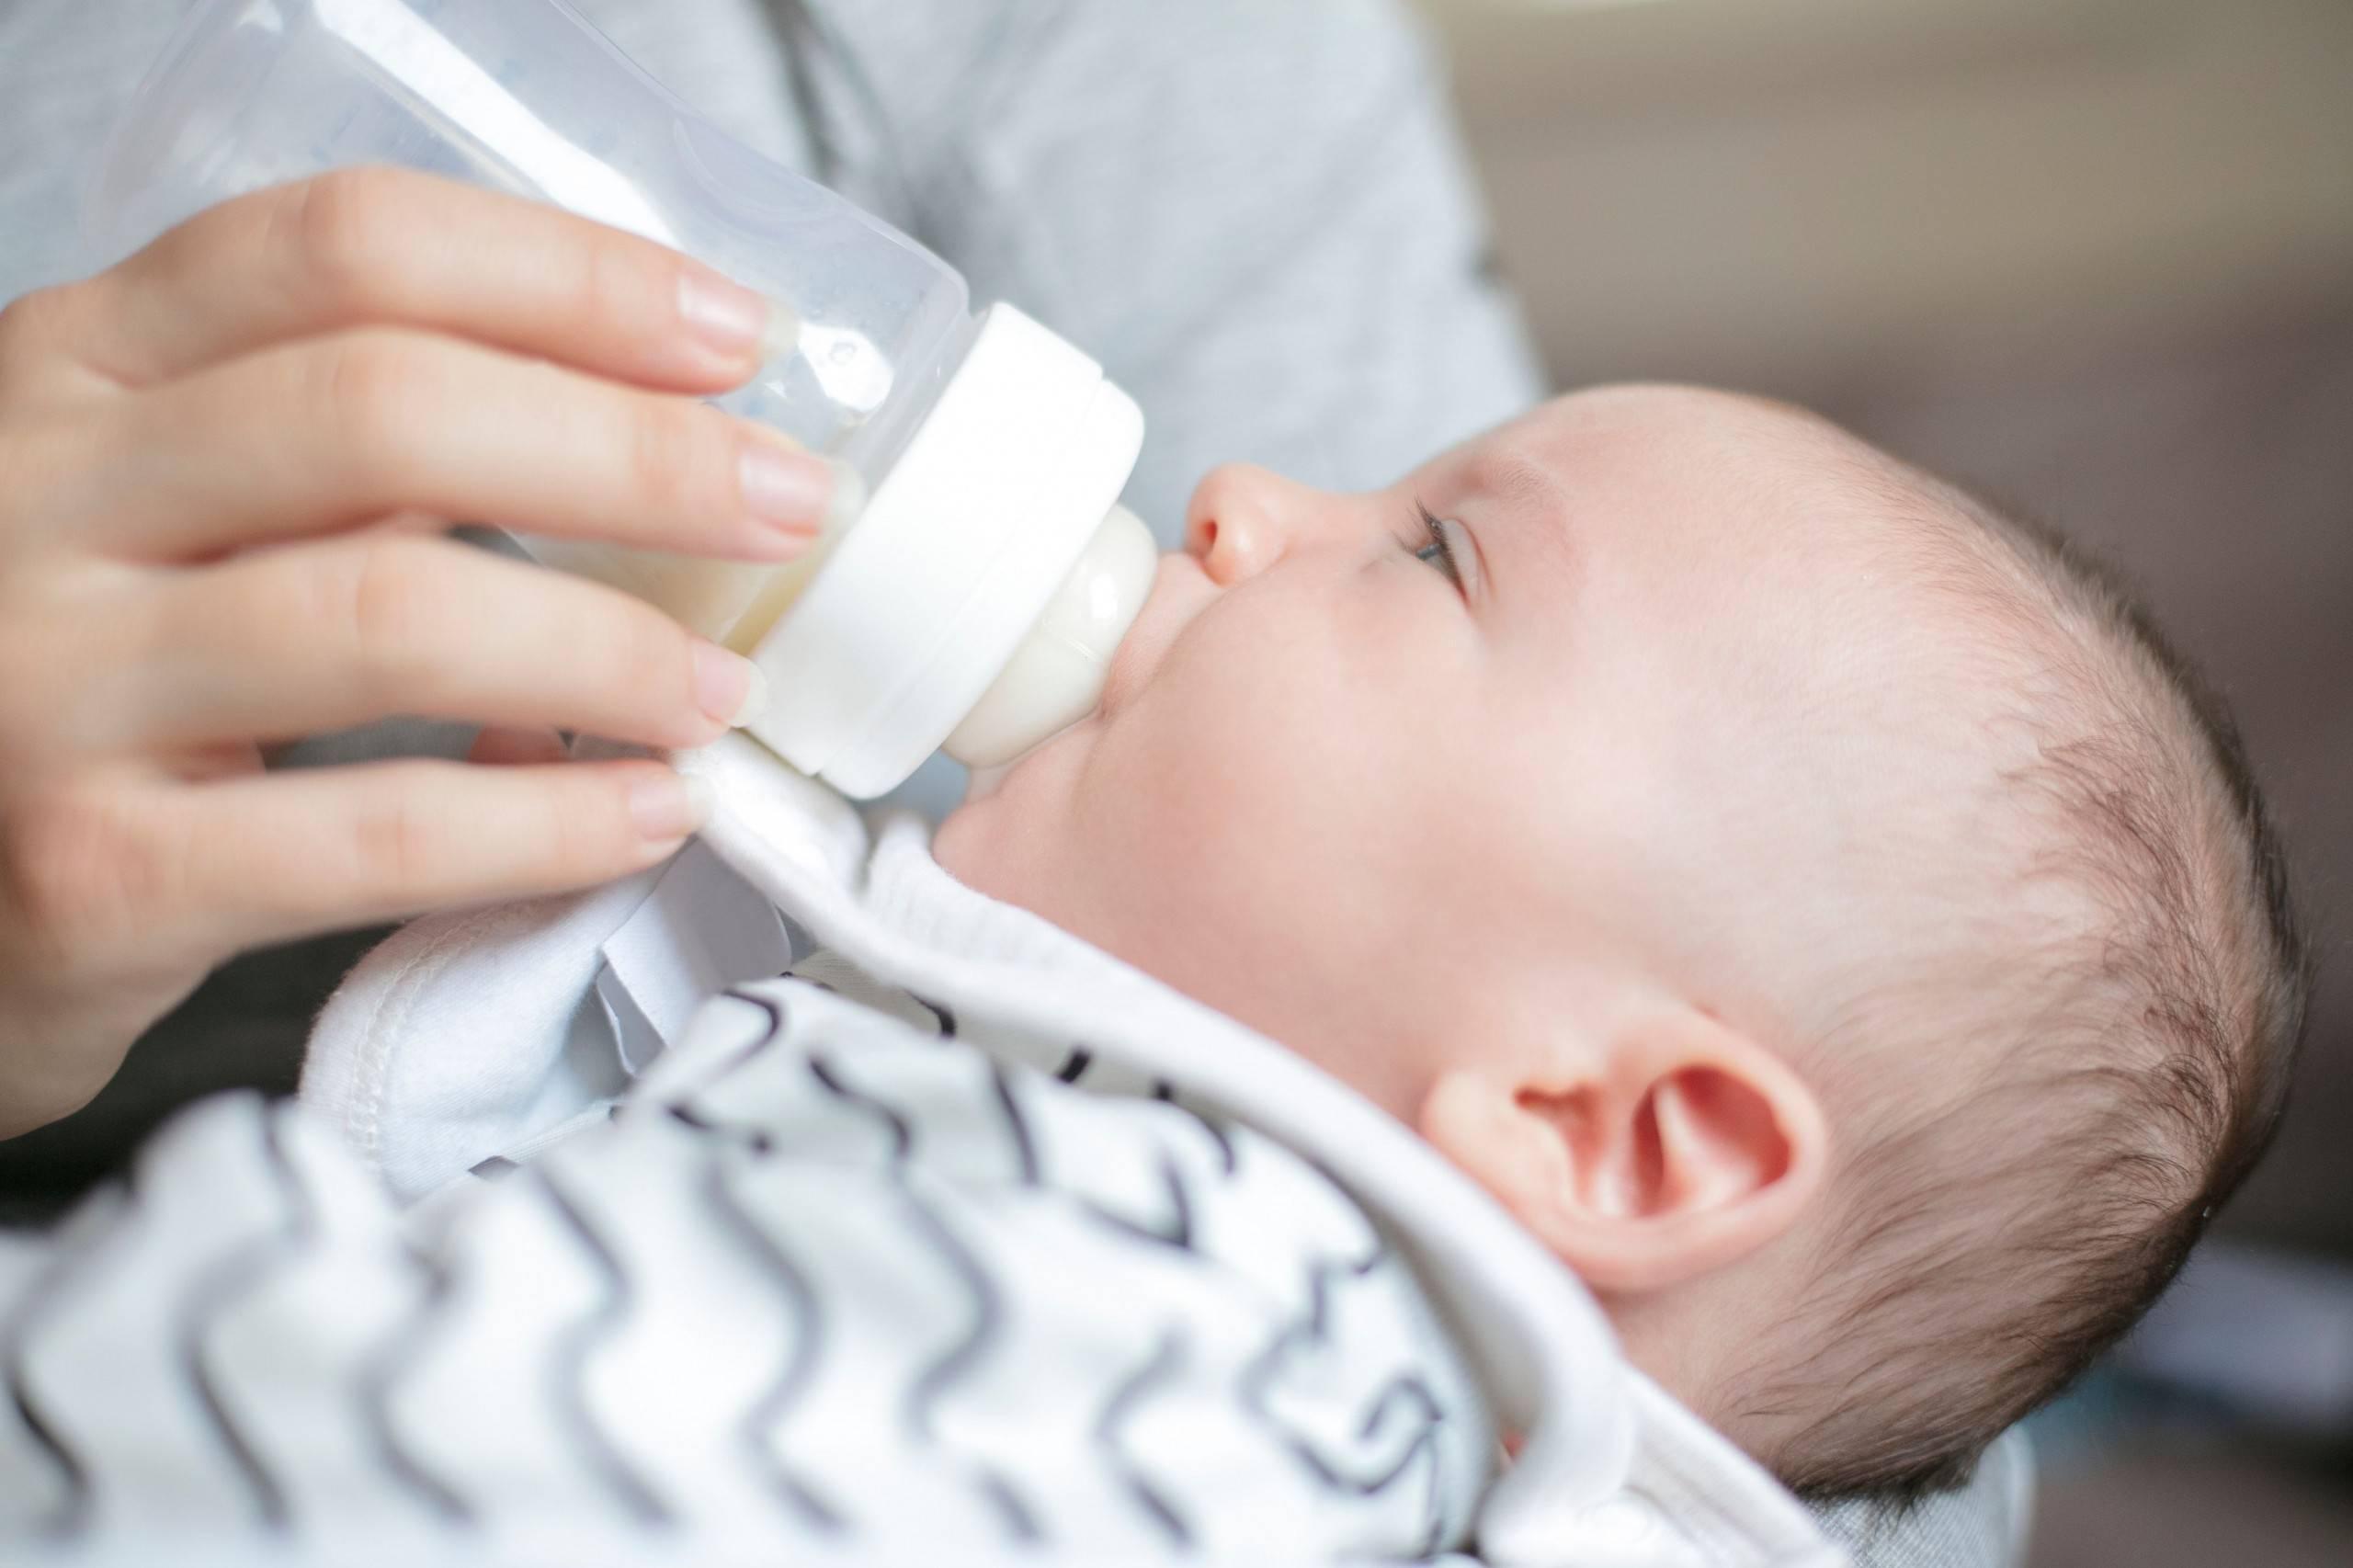 Что делать при икоте у новорожденных и грудничков после кормления?